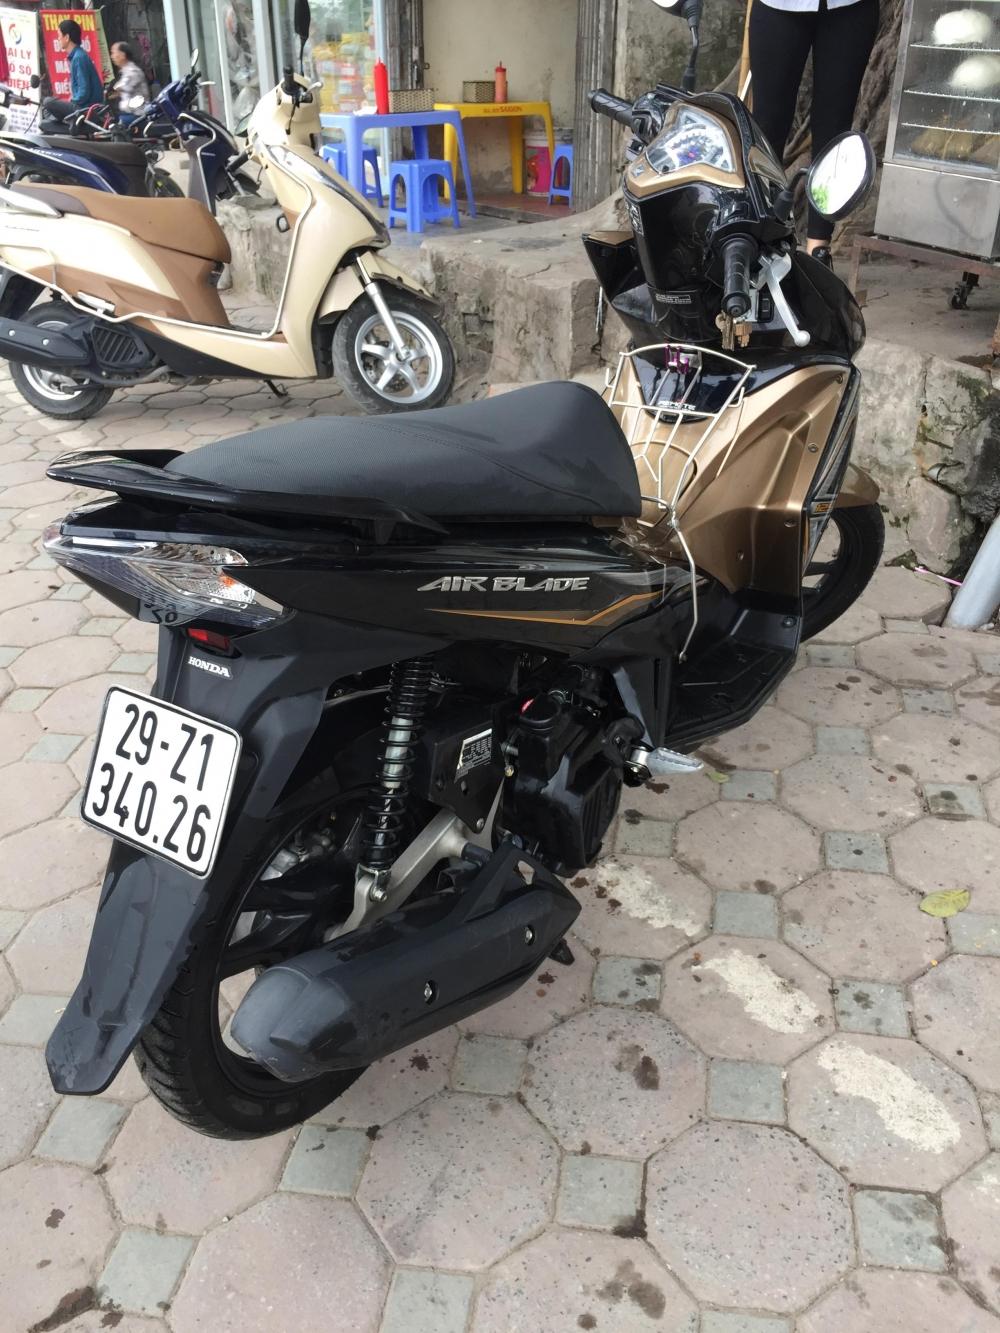 Ban xe Honda Air Blade 2015 bien Ha Noi - 5